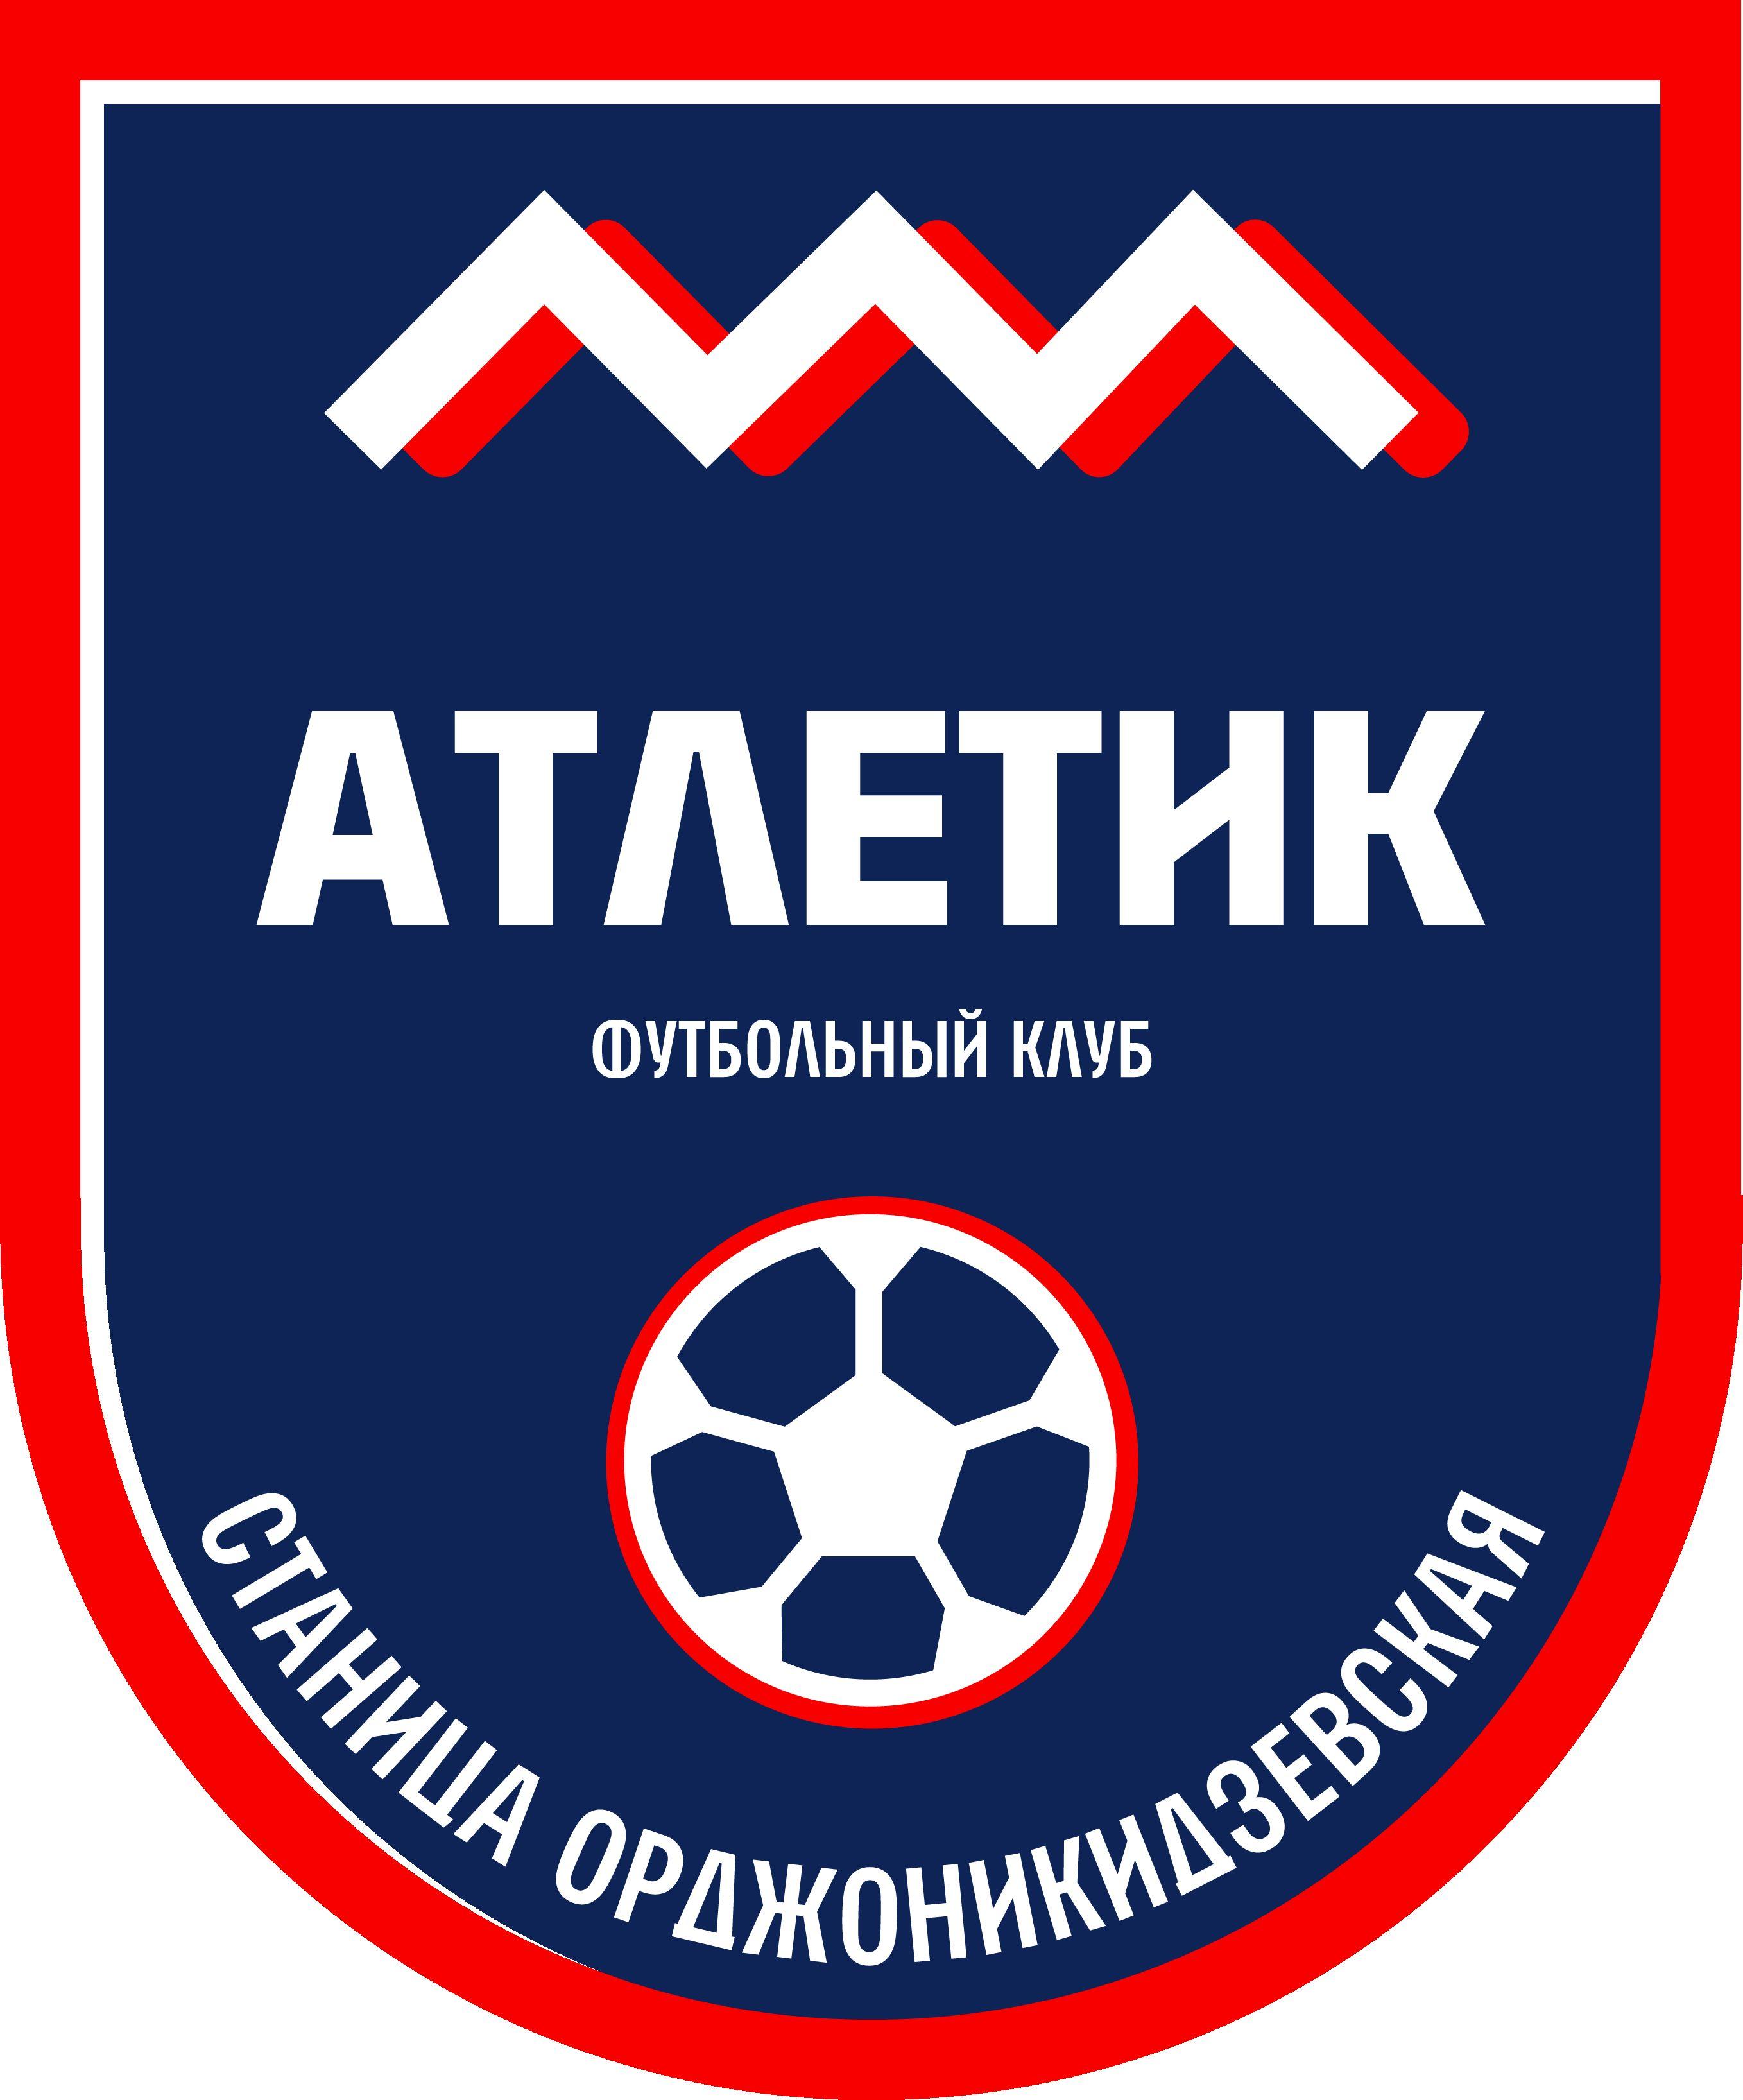 Логотип для Футбольного клуба  - дизайнер Aziev